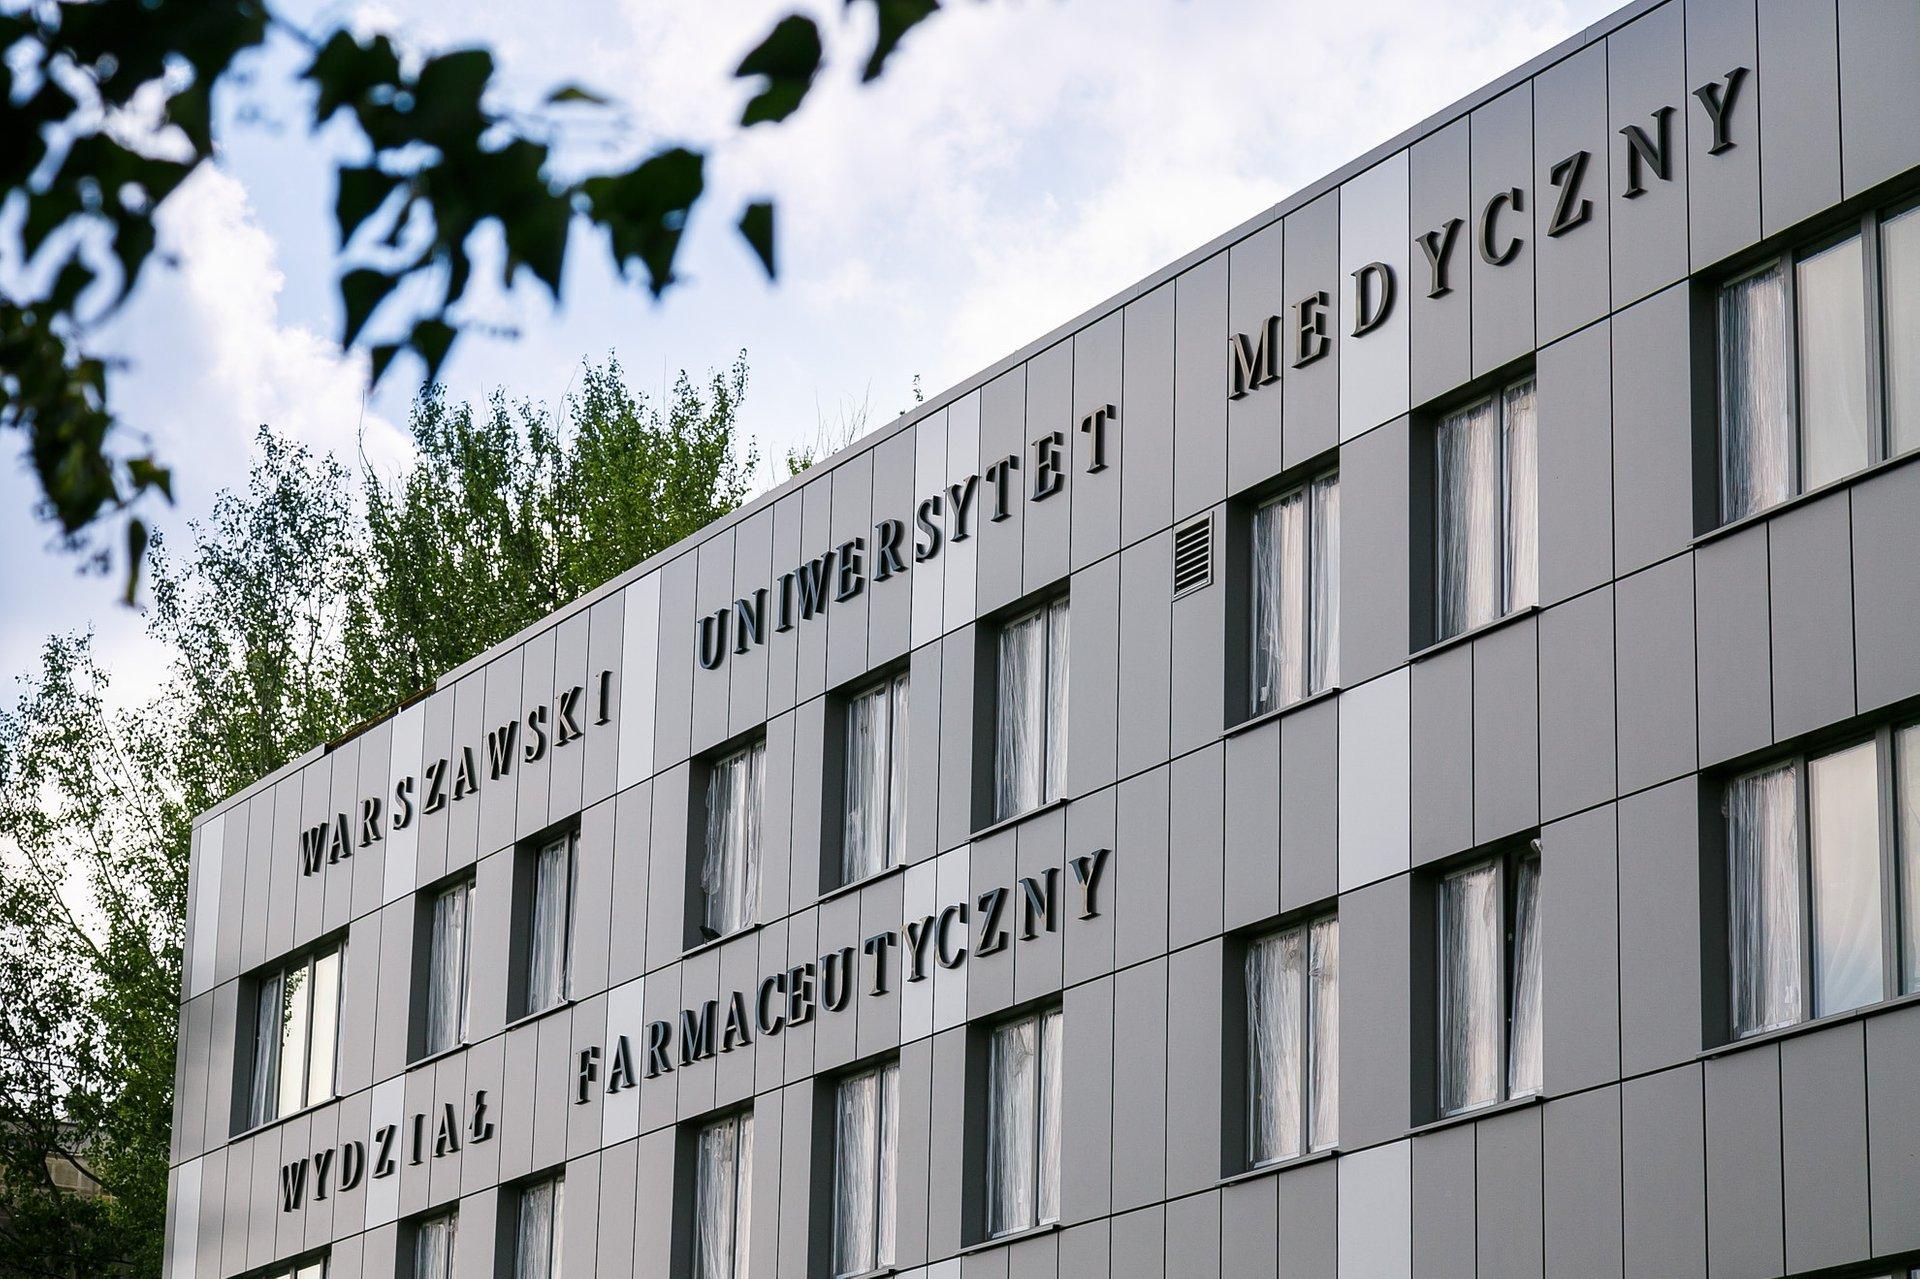 Spór o budynek Wydziału Farmaceutycznego WUM zakończony